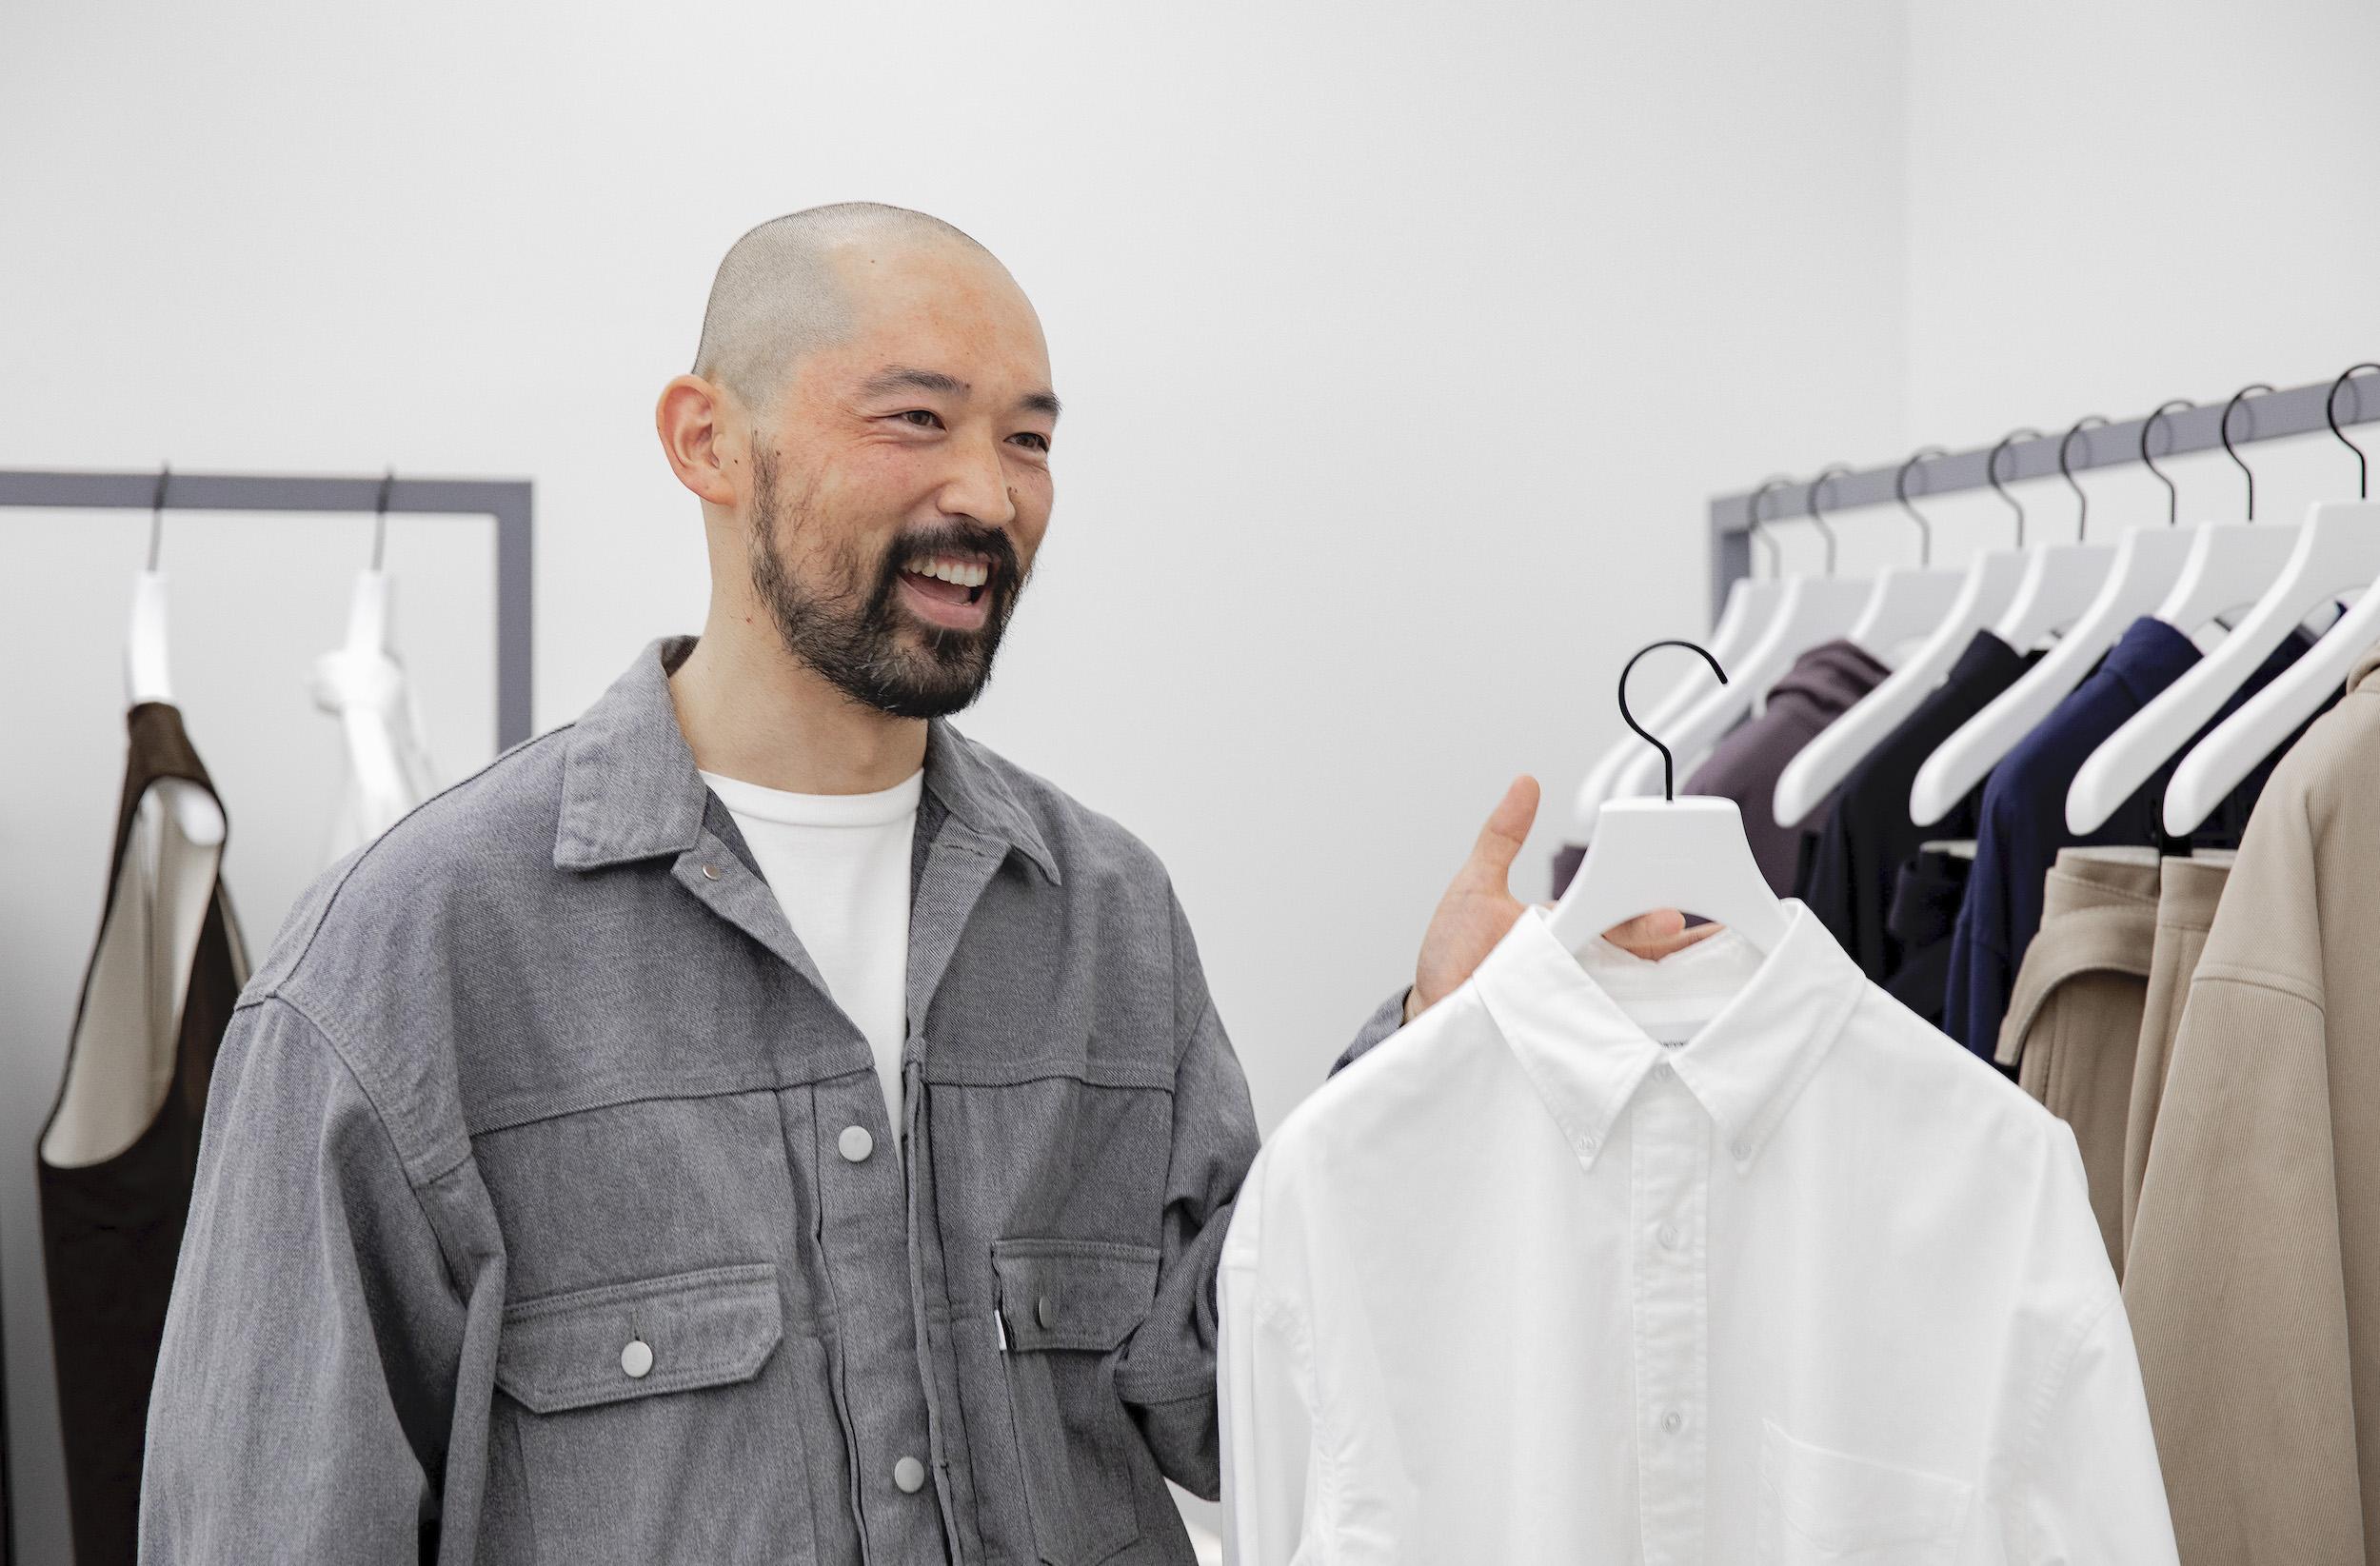 「販売員の域を超えた世界が広がる職場」Graphpaper青山店店長 後根正利さんインタビュー